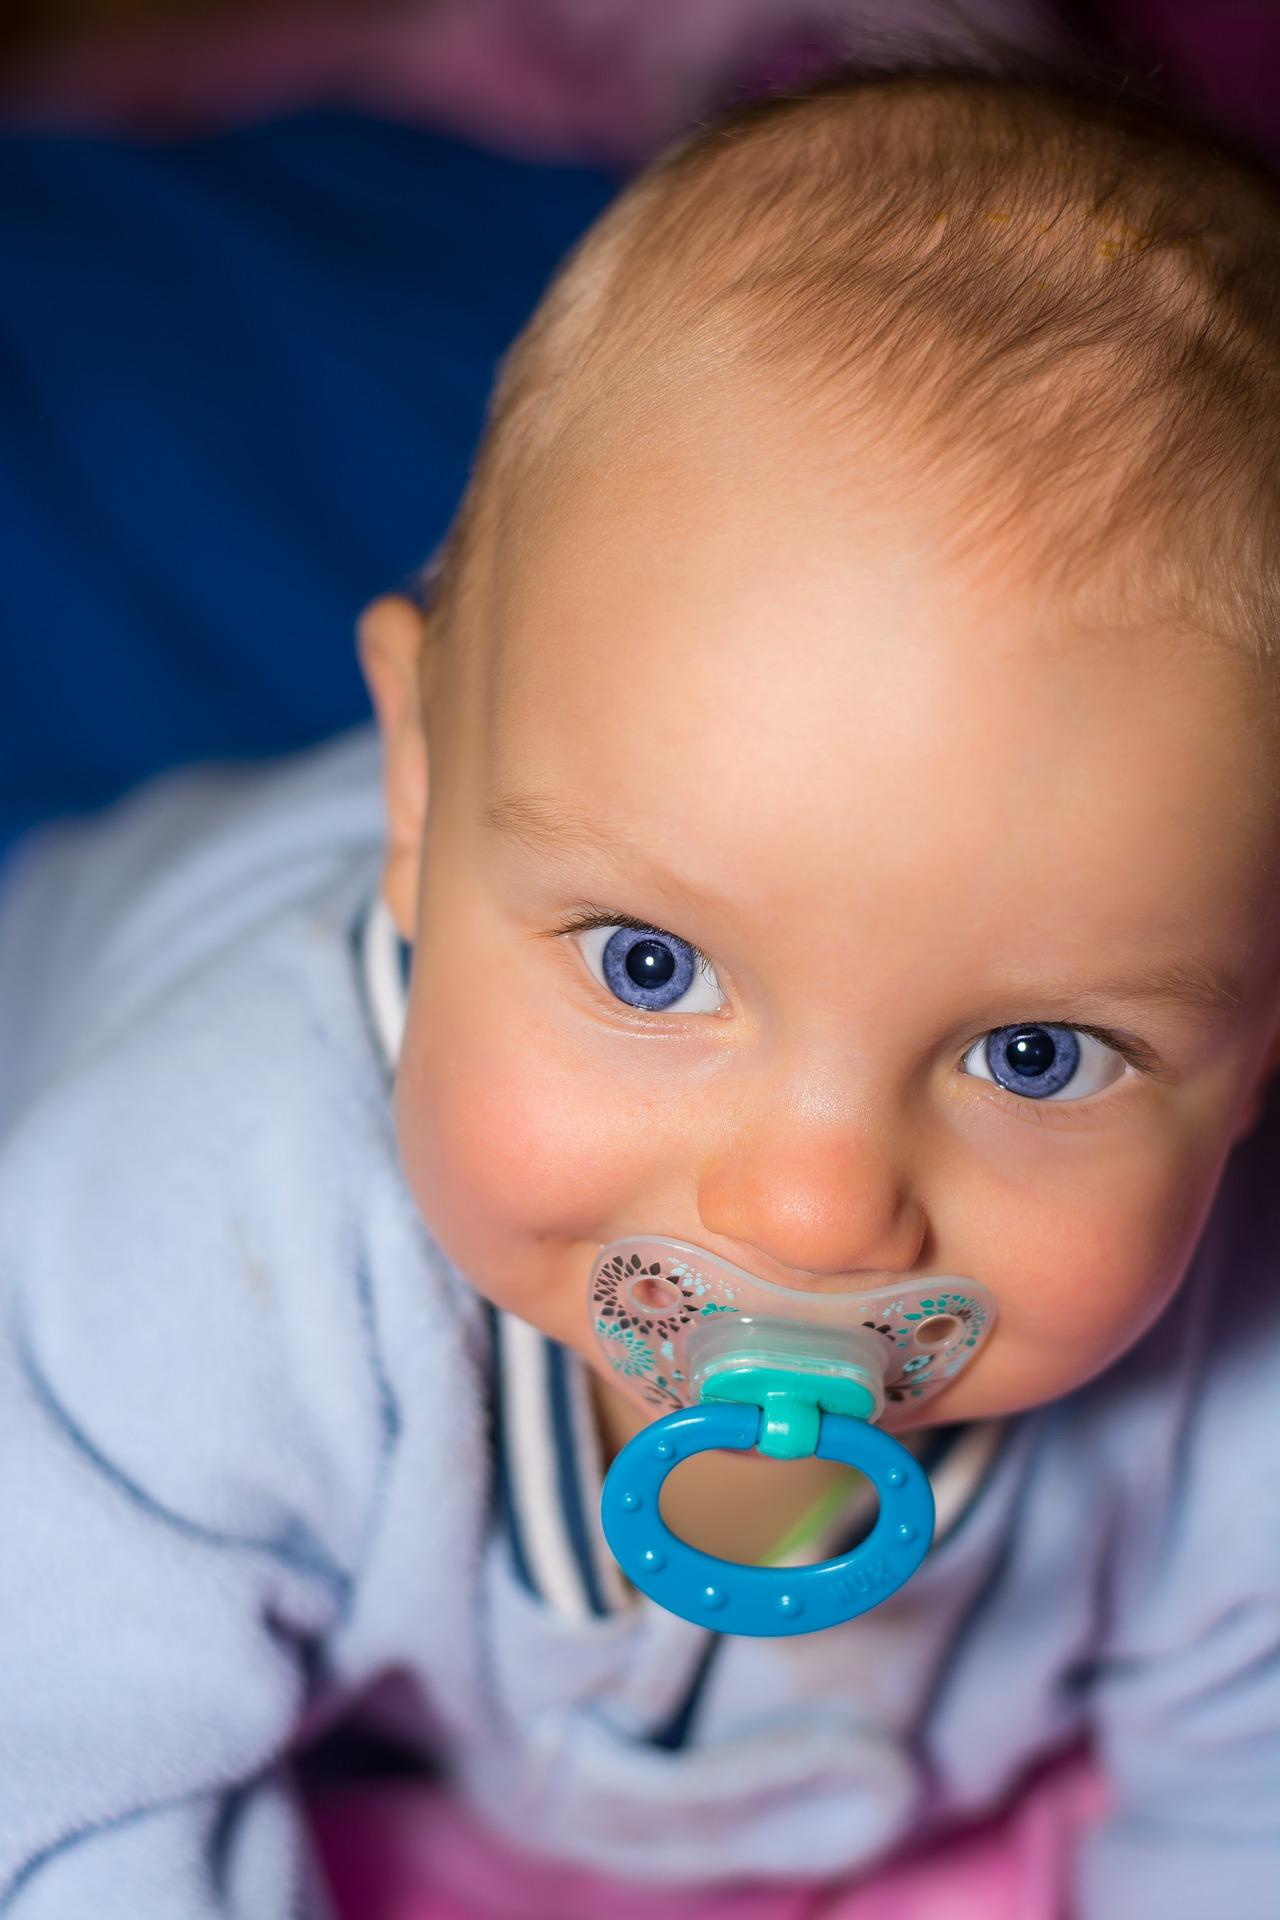 baby-552610_1920